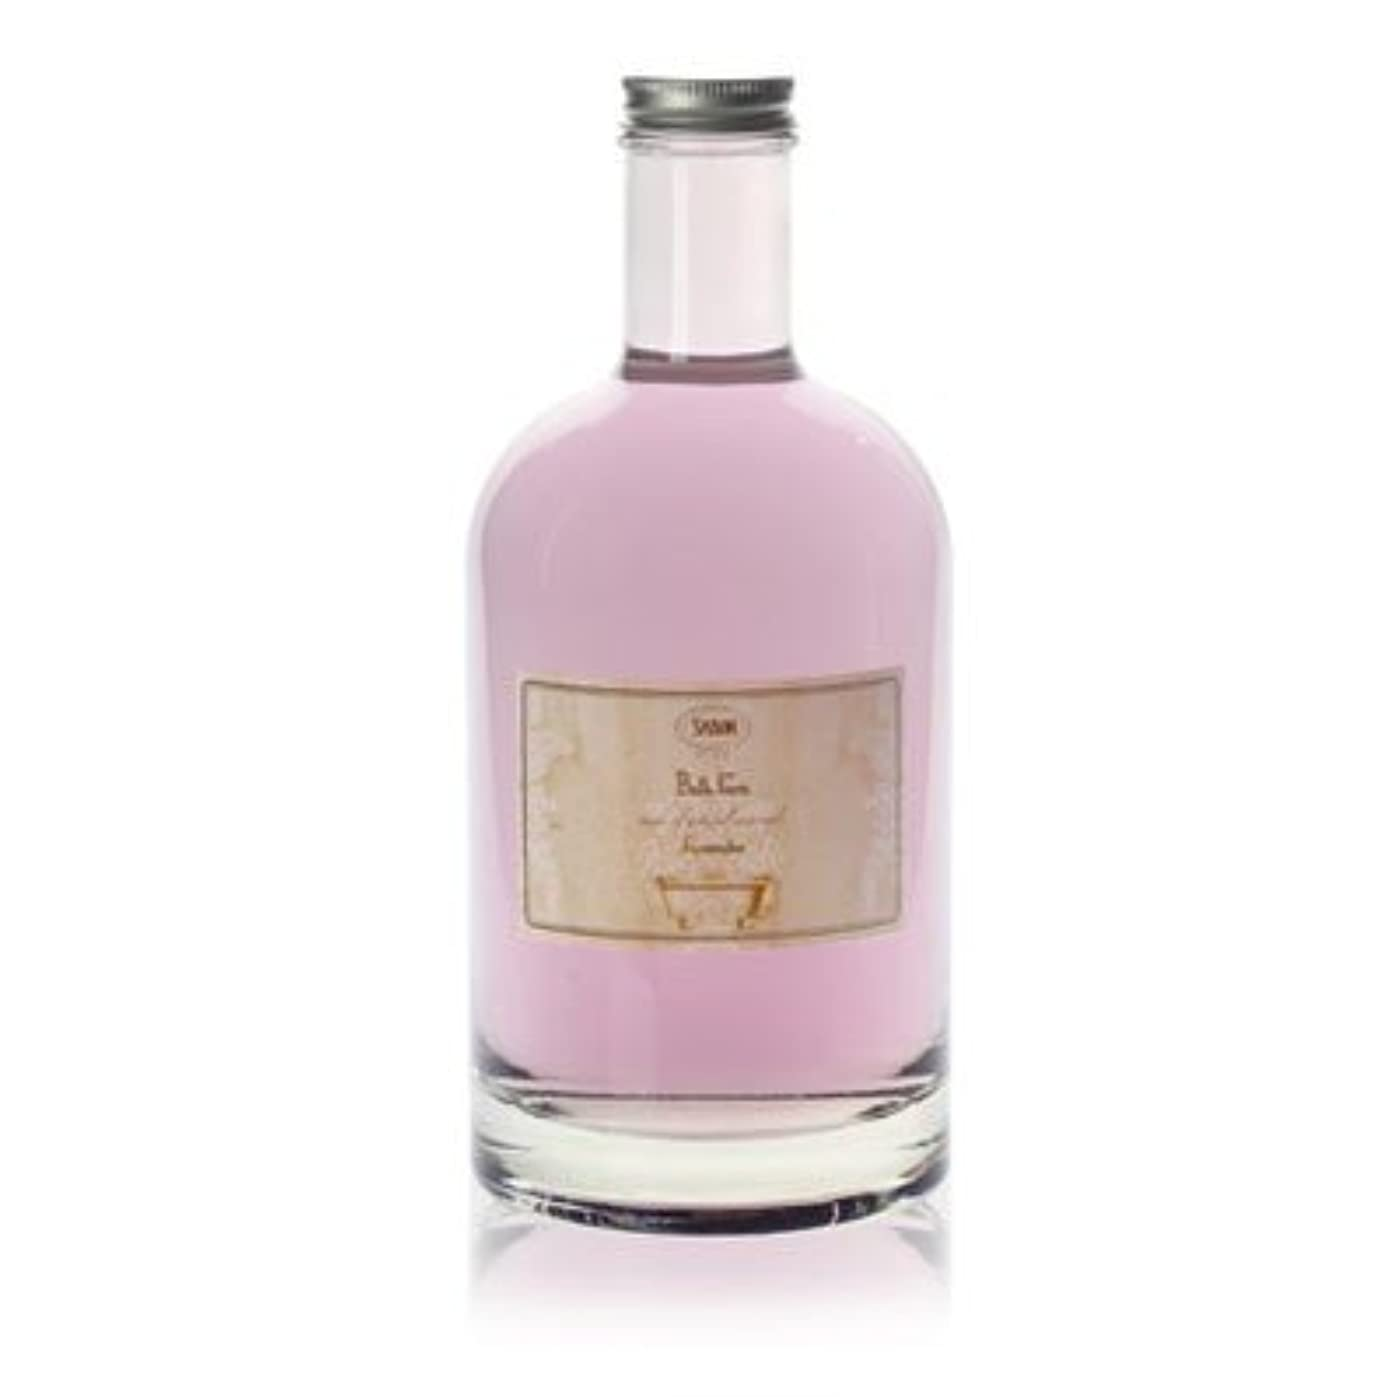 バルーンおそらく多様体【SABON(サボン)】Bath Foam Lavender バス フォーム ラベンダー